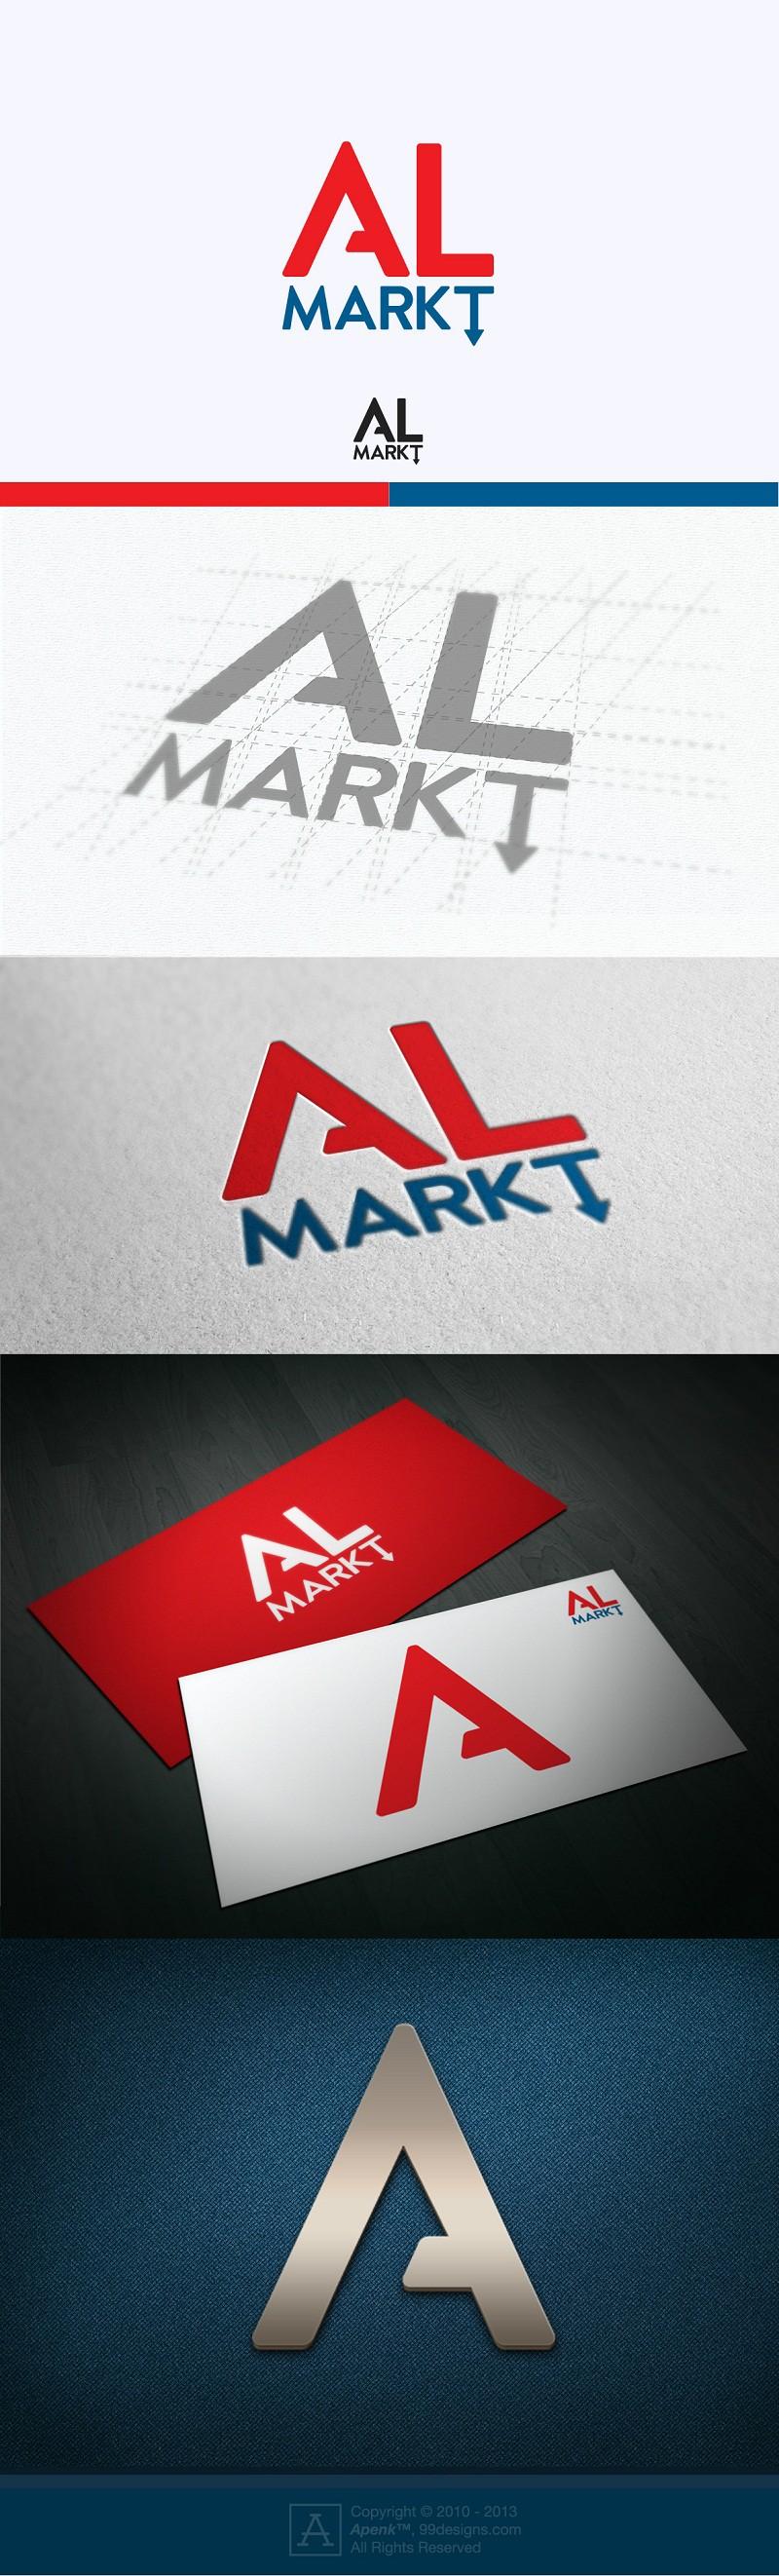 AL Markt needs a new logo